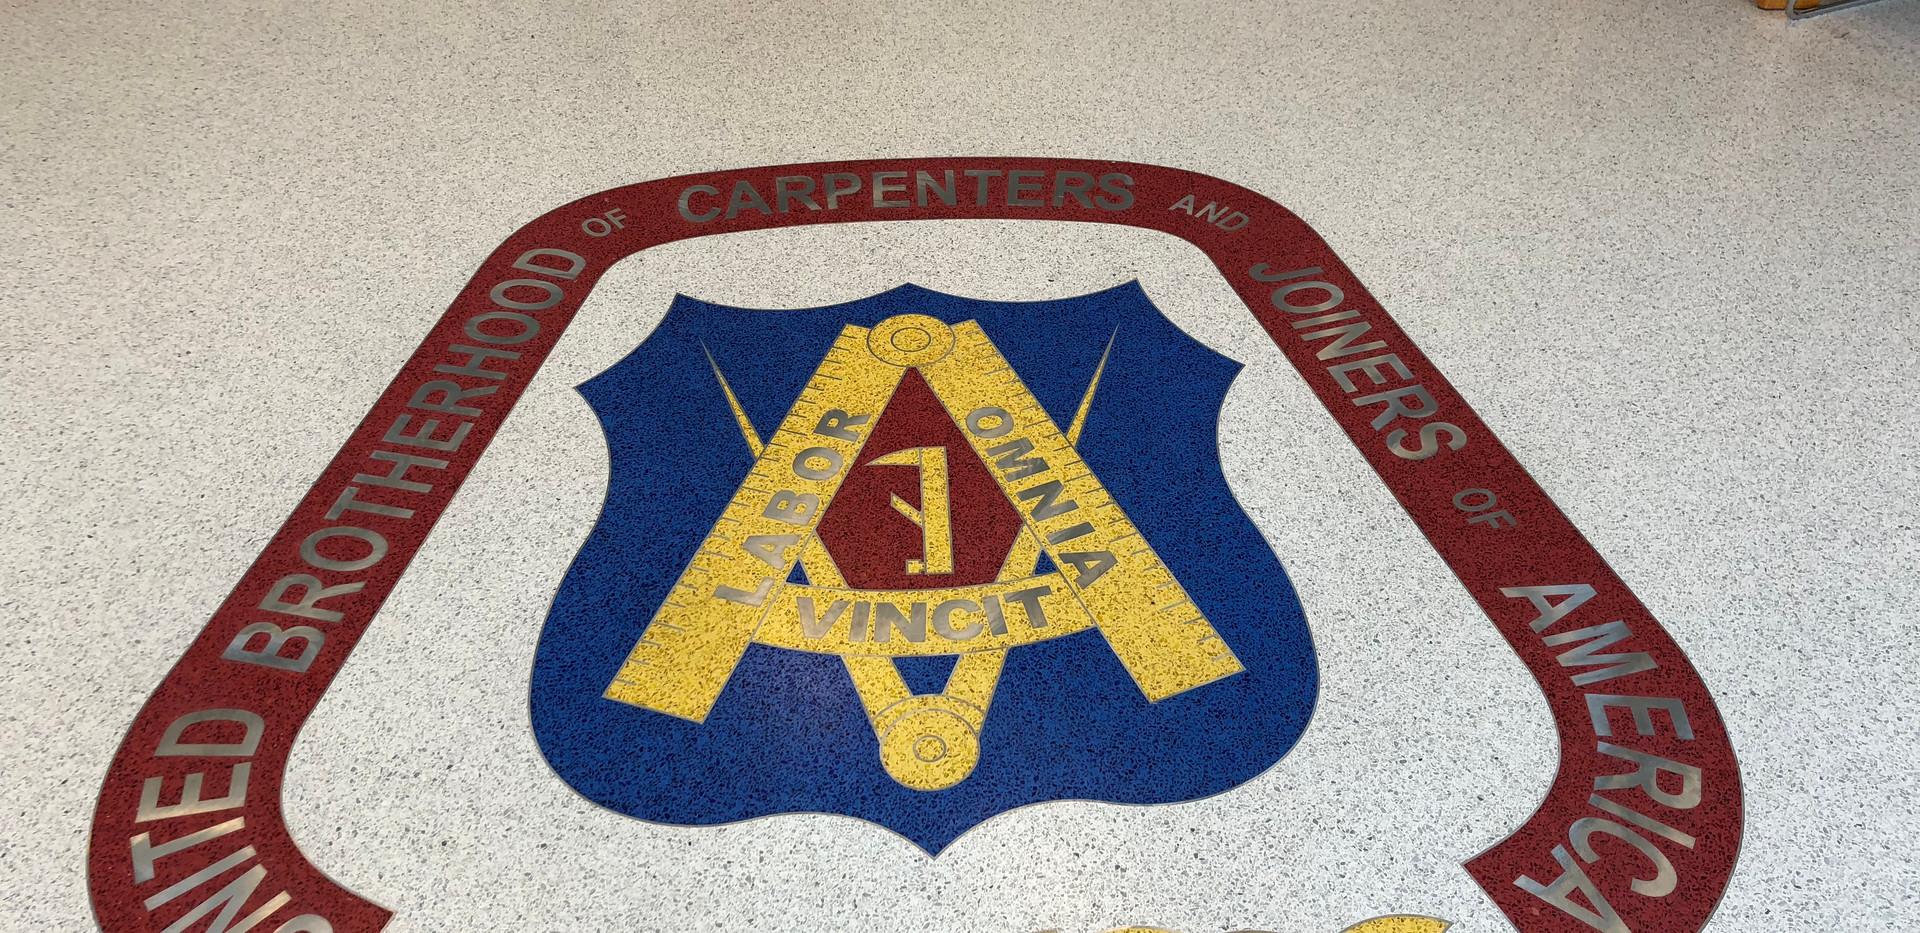 Evansville Carpenters Union